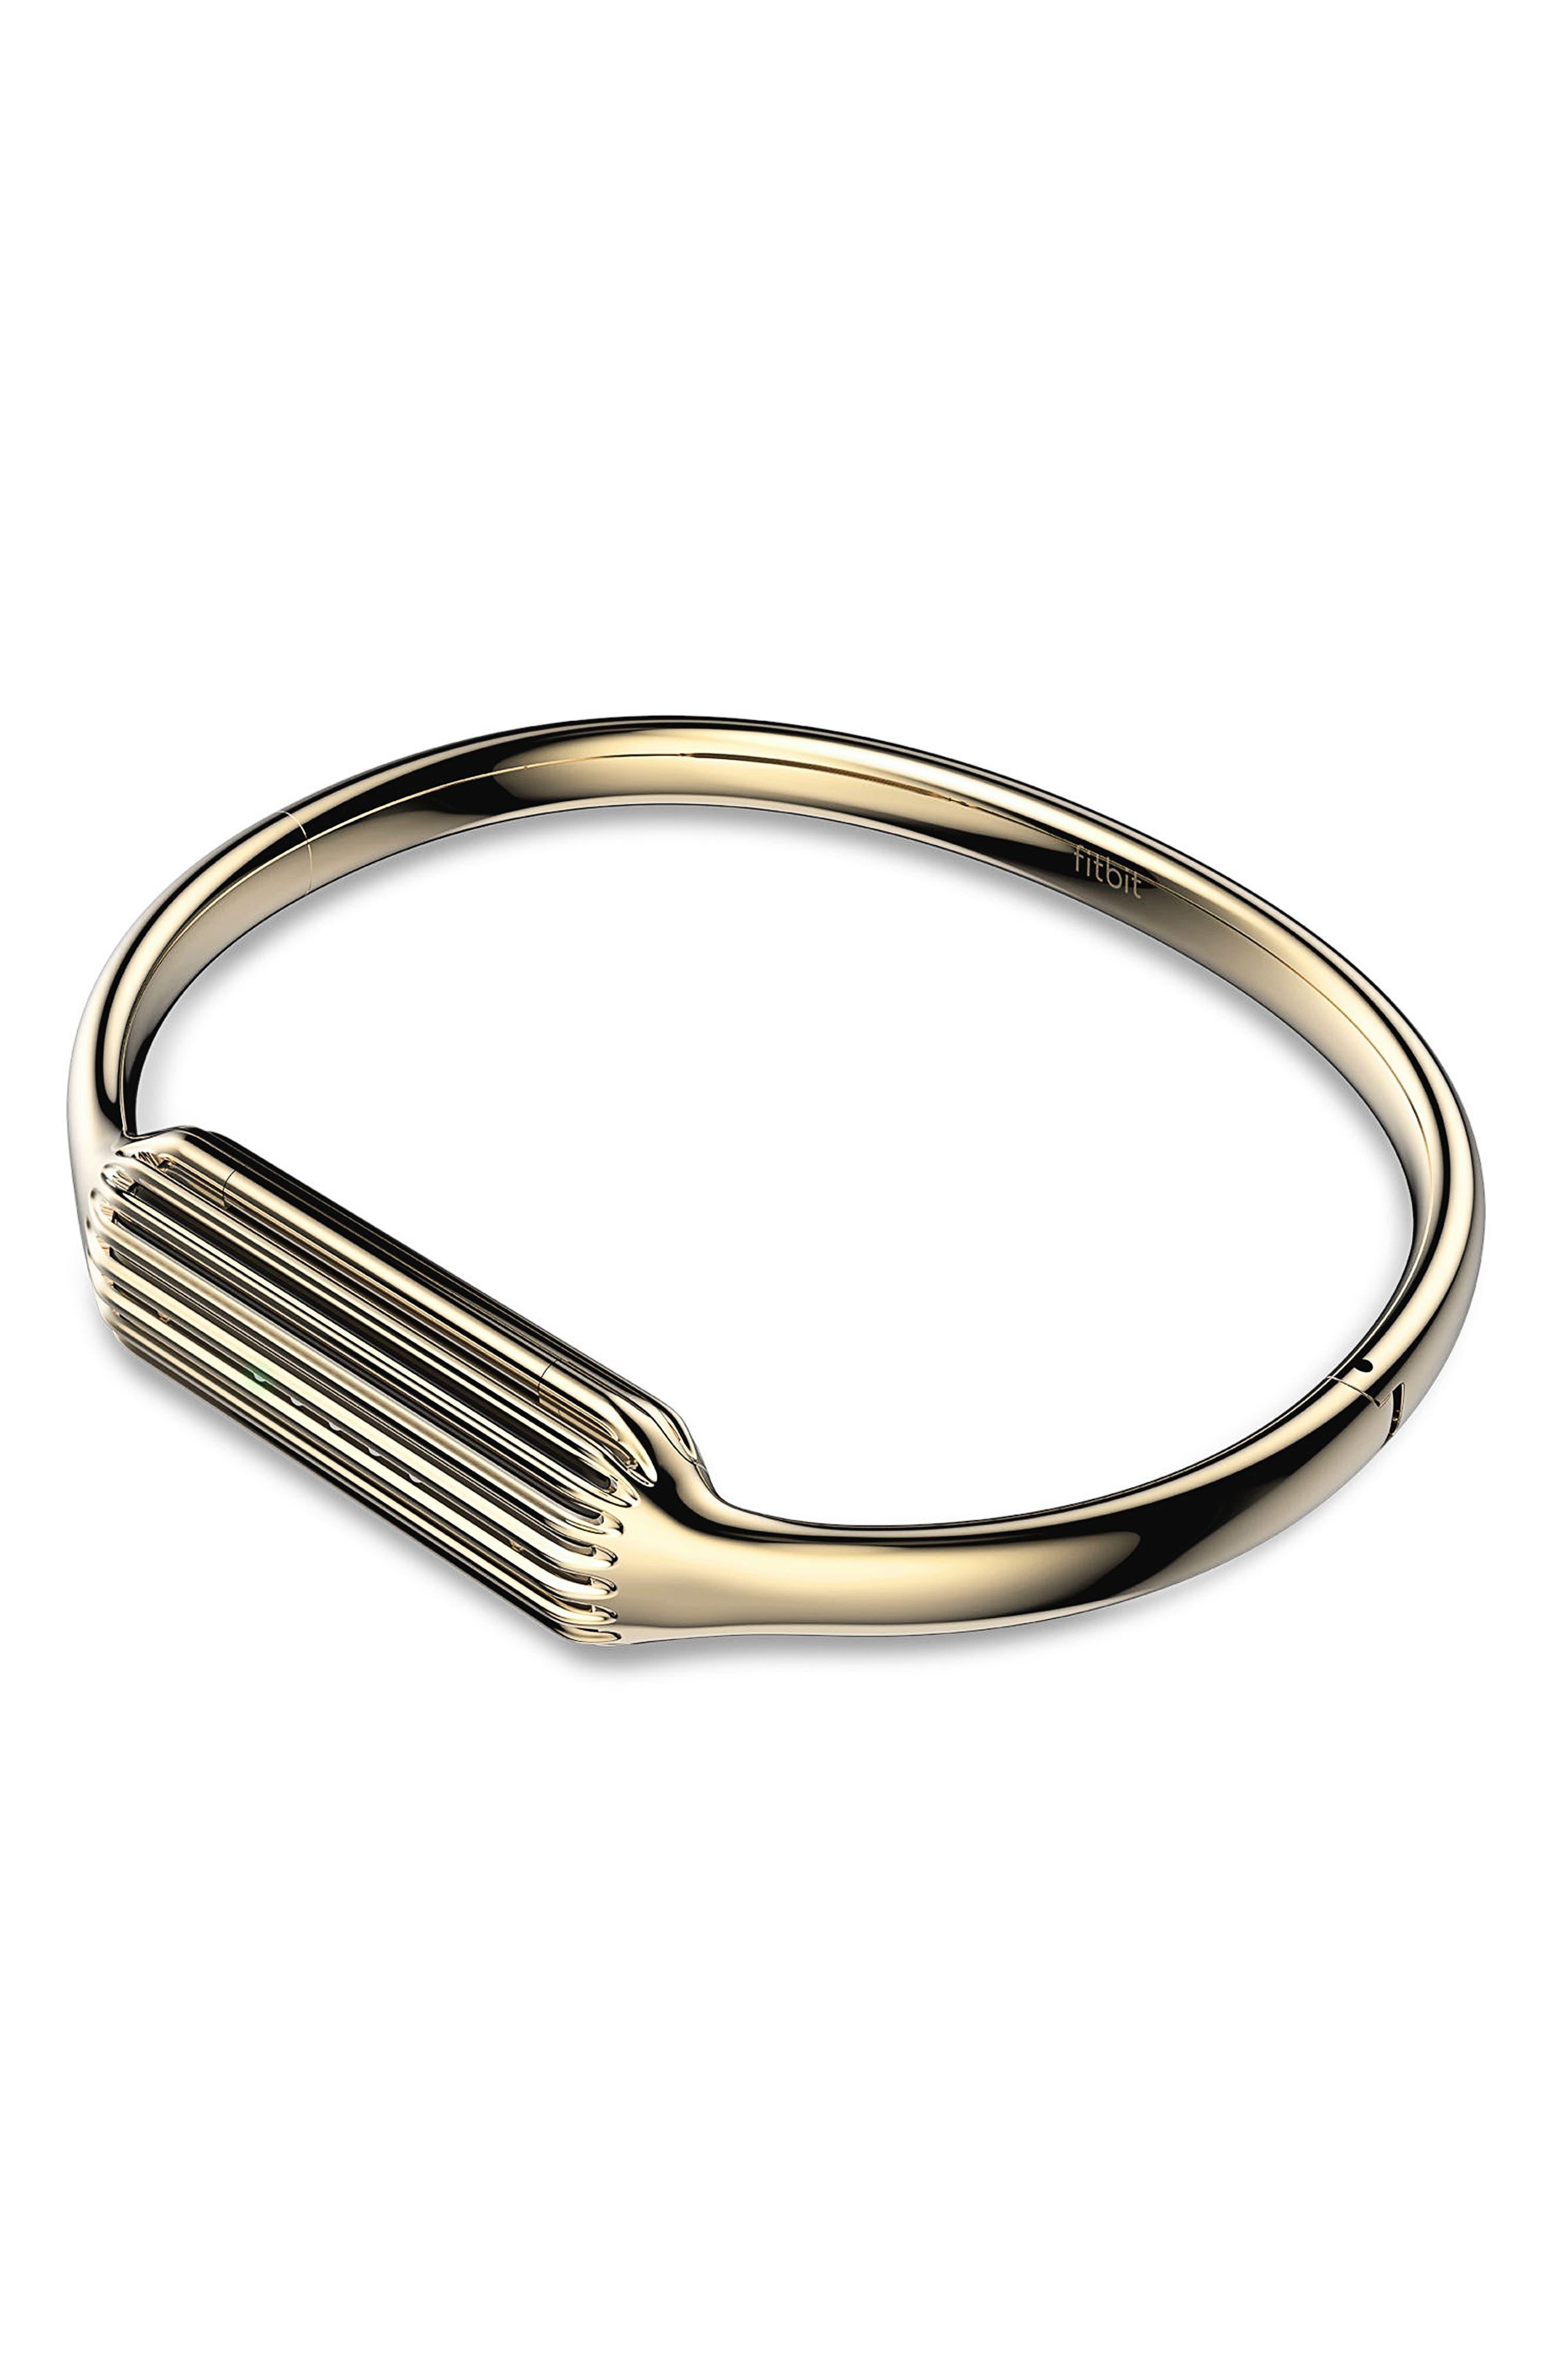 Fitbit Flex 2 Small Bangle Accessory